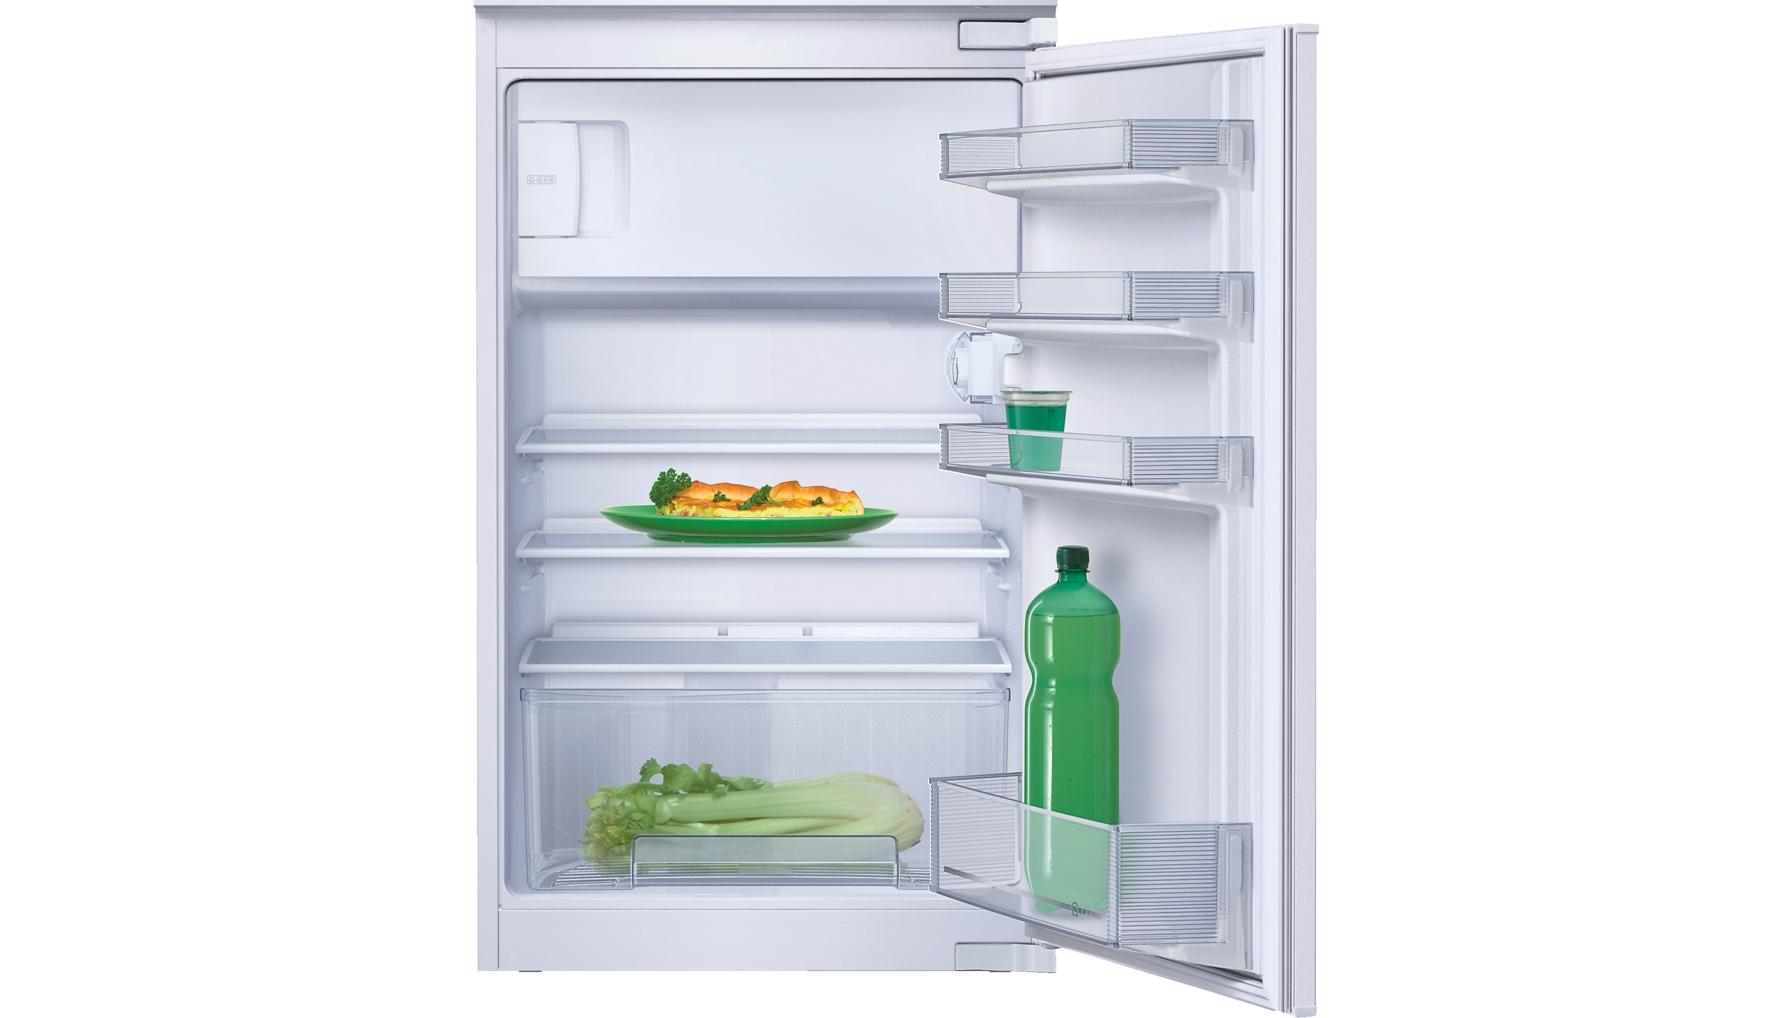 Großartig Neff Einbaukühlschränke Bilder - Die Schlafzimmerideen ...